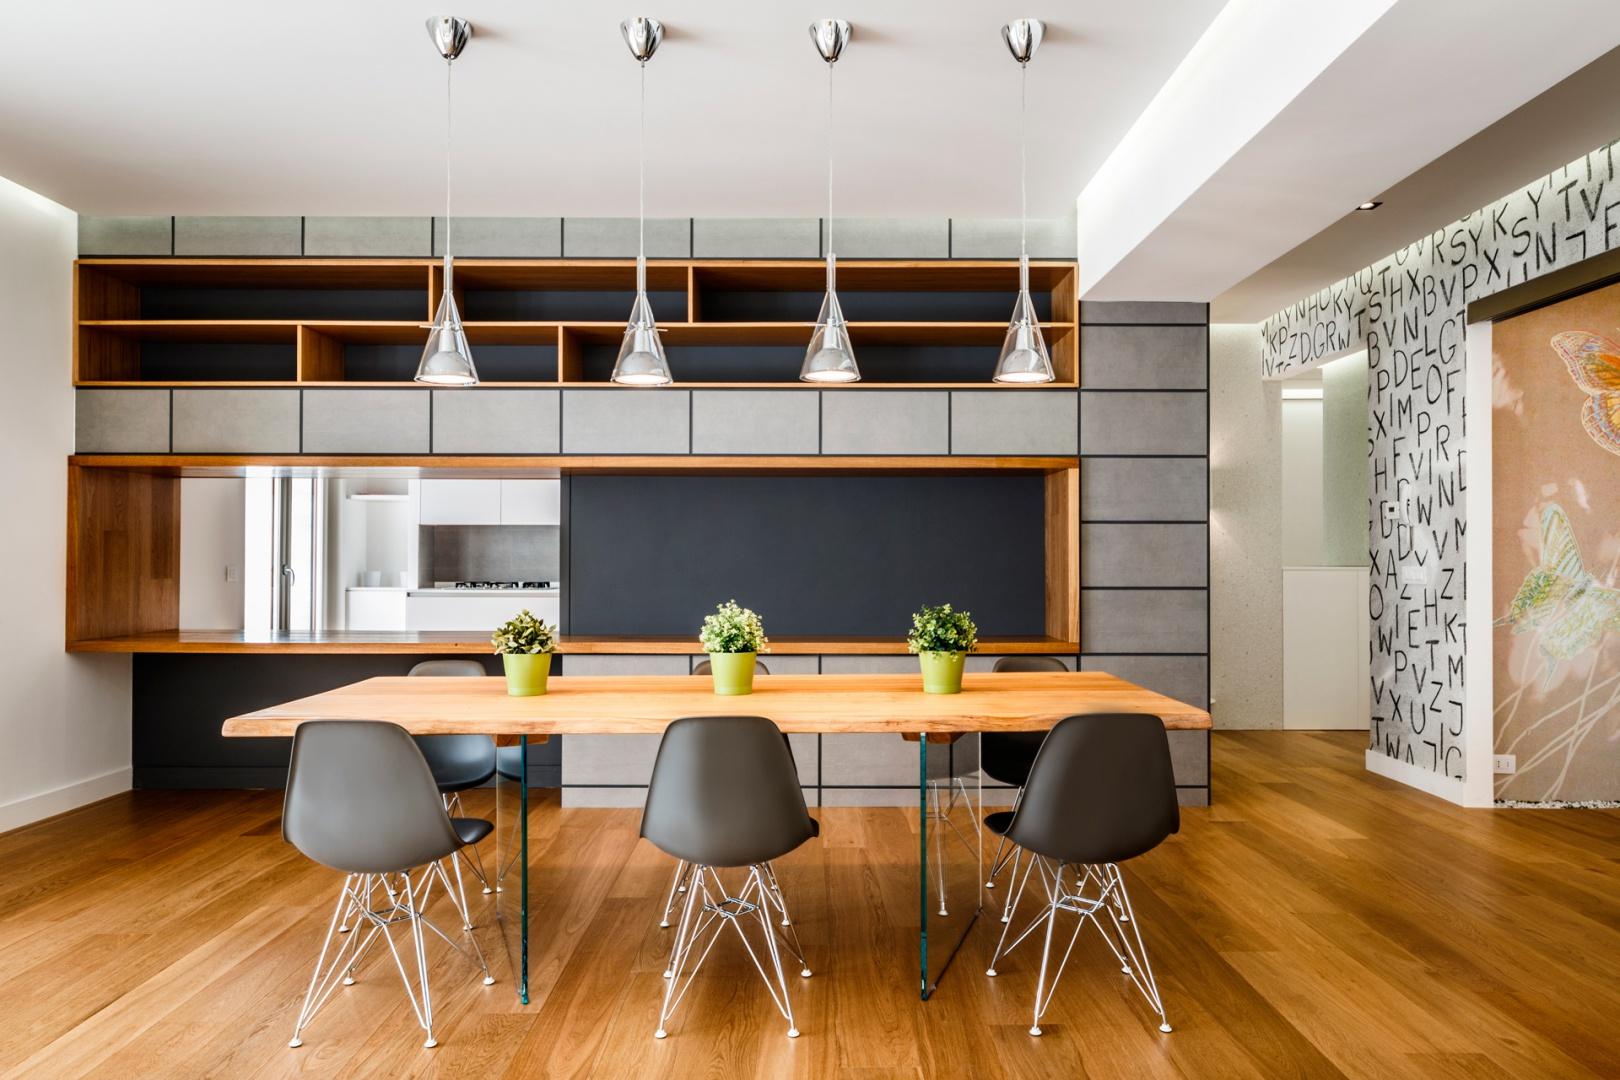 Stół jadalniany może pomieścić aż 8 osób. Towarzyszą mu modne, eamesowskie krzesła. Projekt i zdjęcia: Marco Marotto, Paola Oliva, Brain Factory.